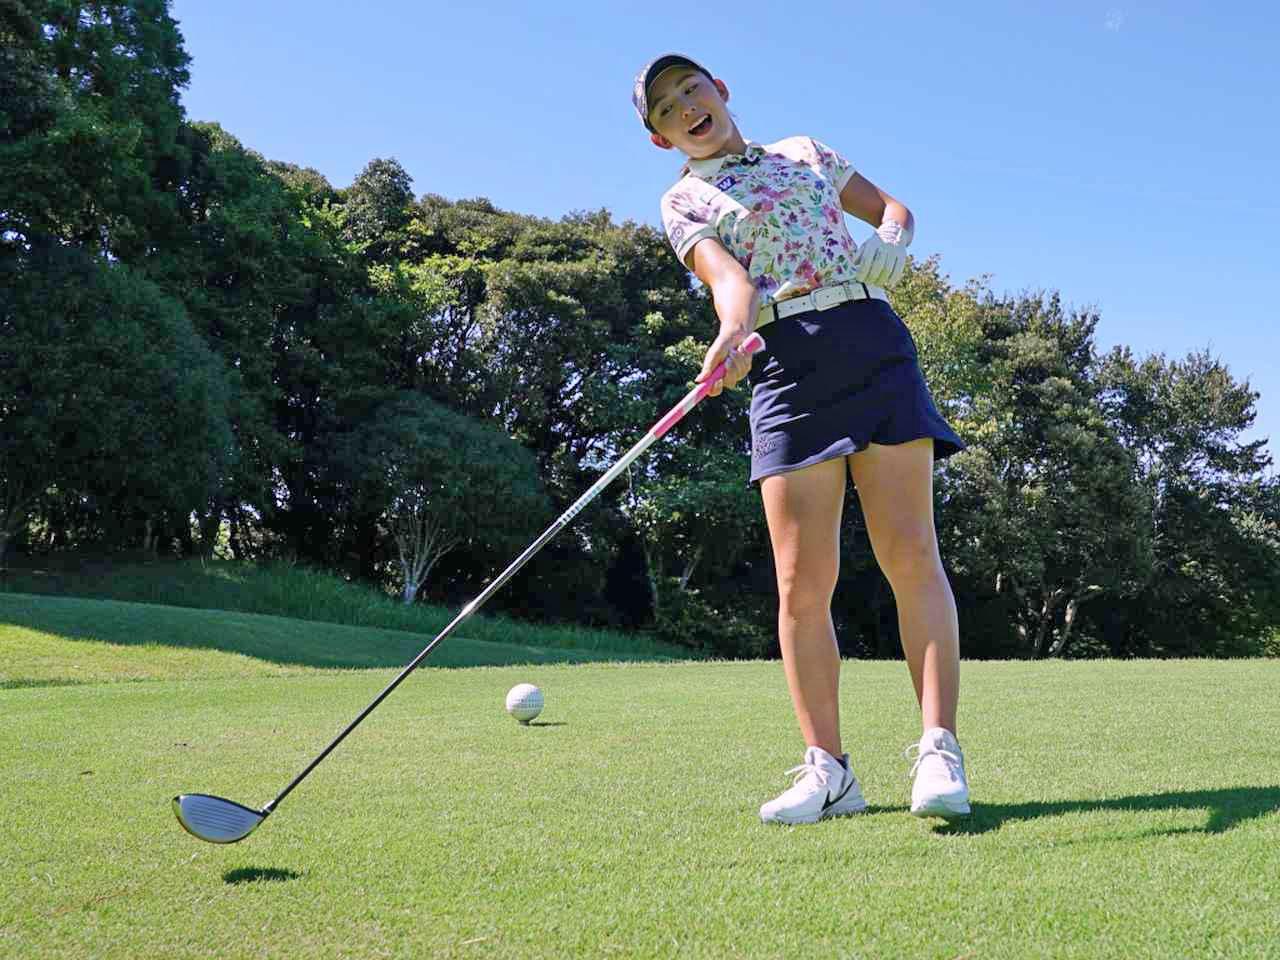 画像: 右ひじのポジションを正しいポジションに保とうとすると、体の軸は飛球線後方に倒れがちだと江澤。軸が倒れてしまうと、右ひじに気を付けていてもスライス球が出てしまうので要注意だ